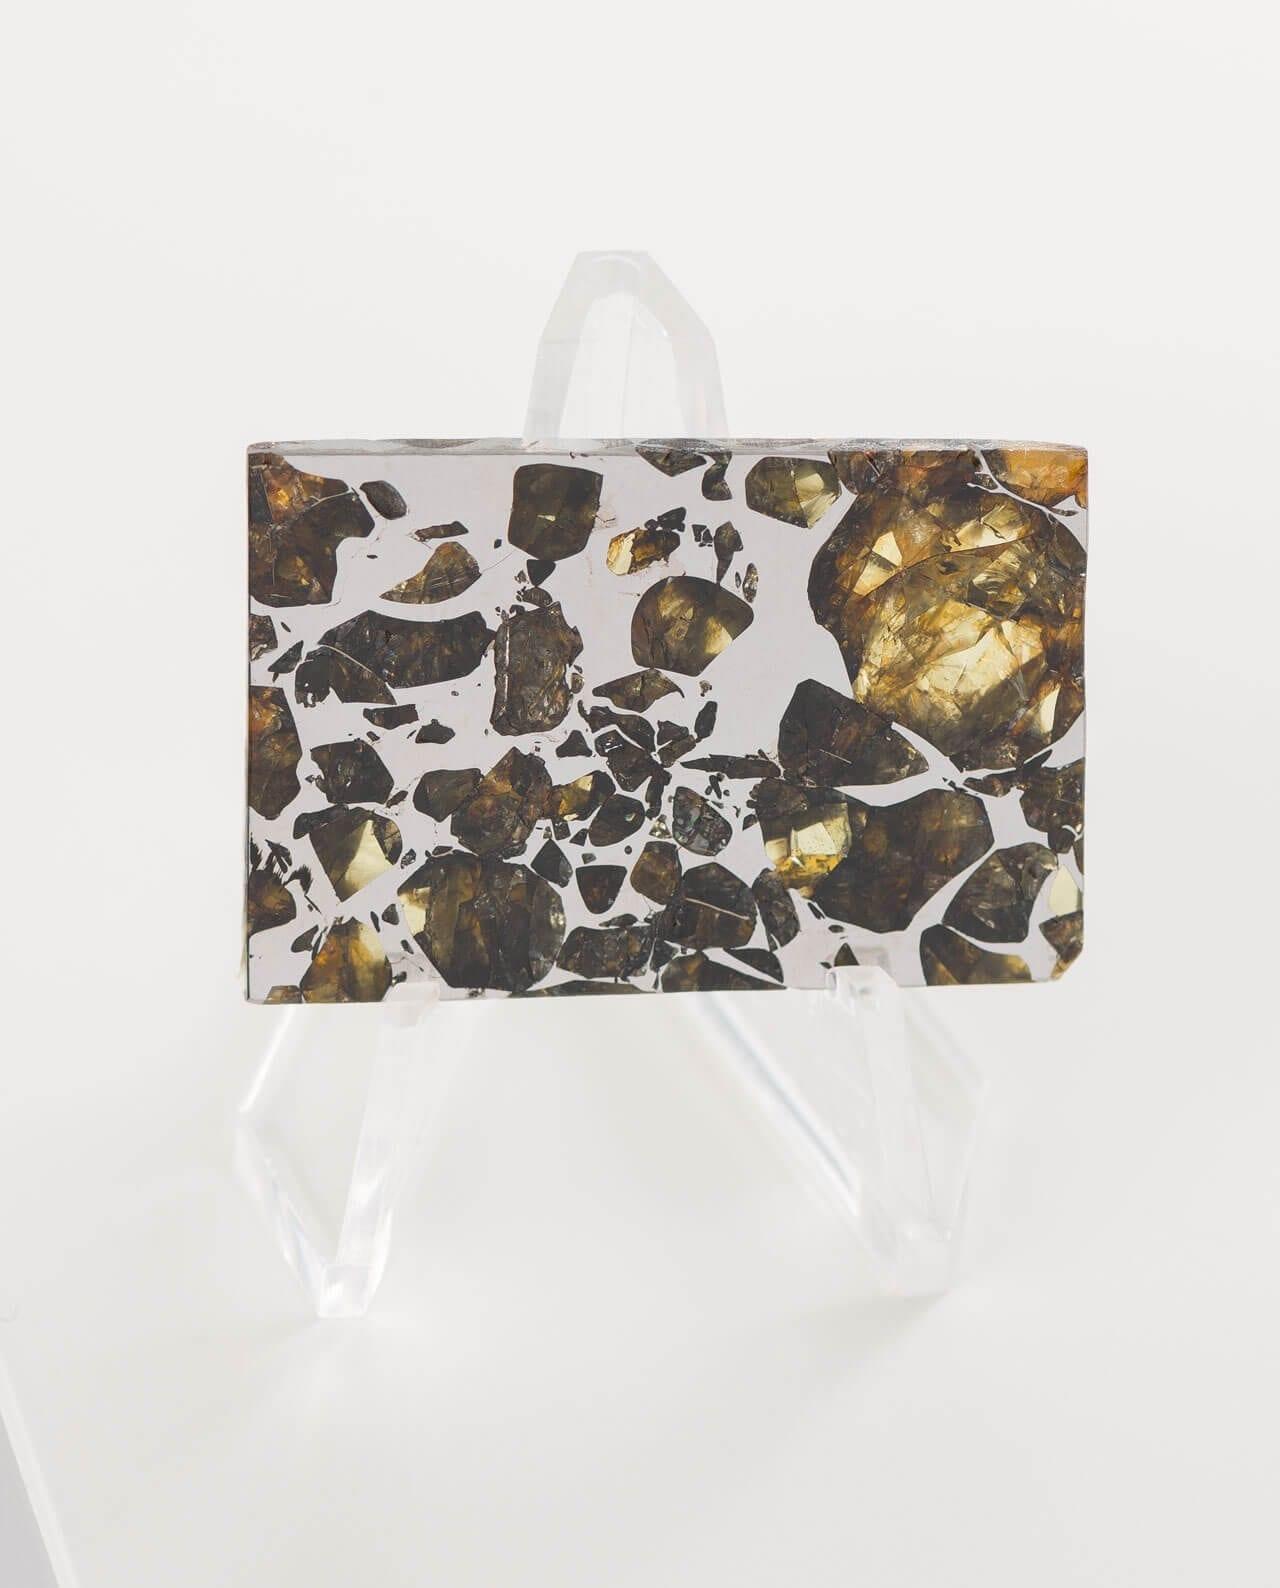 CONLIGHT Seymchan Pallasit Meteorite Iron 2E